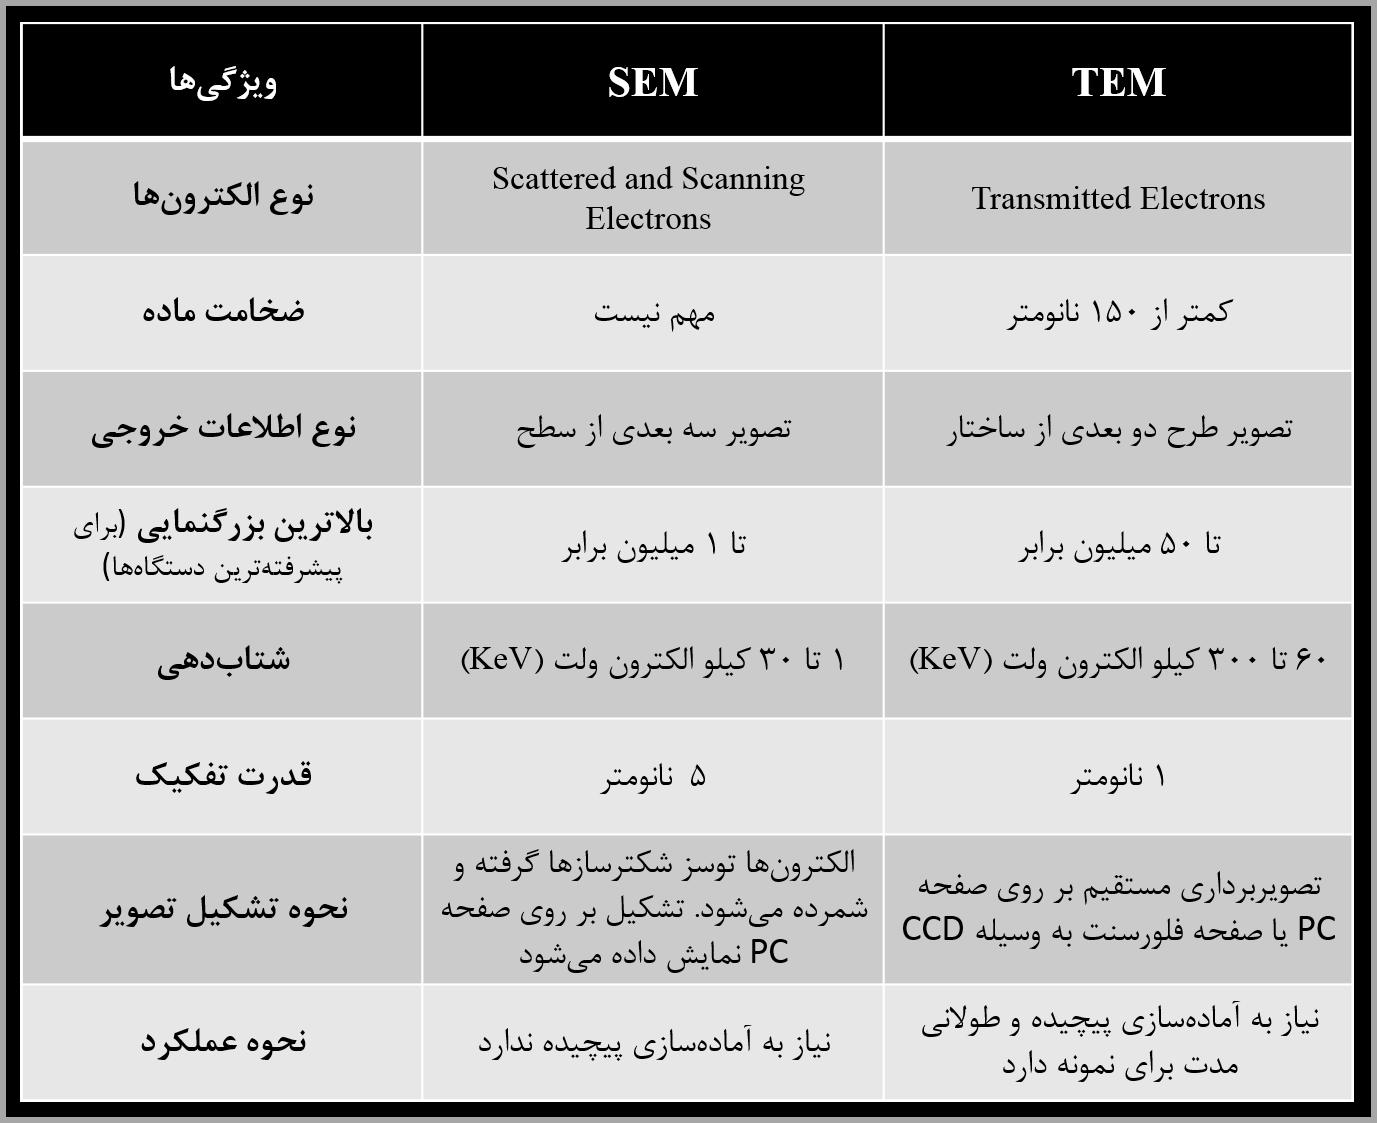 مقایه آنالیزهای TEM و SEM